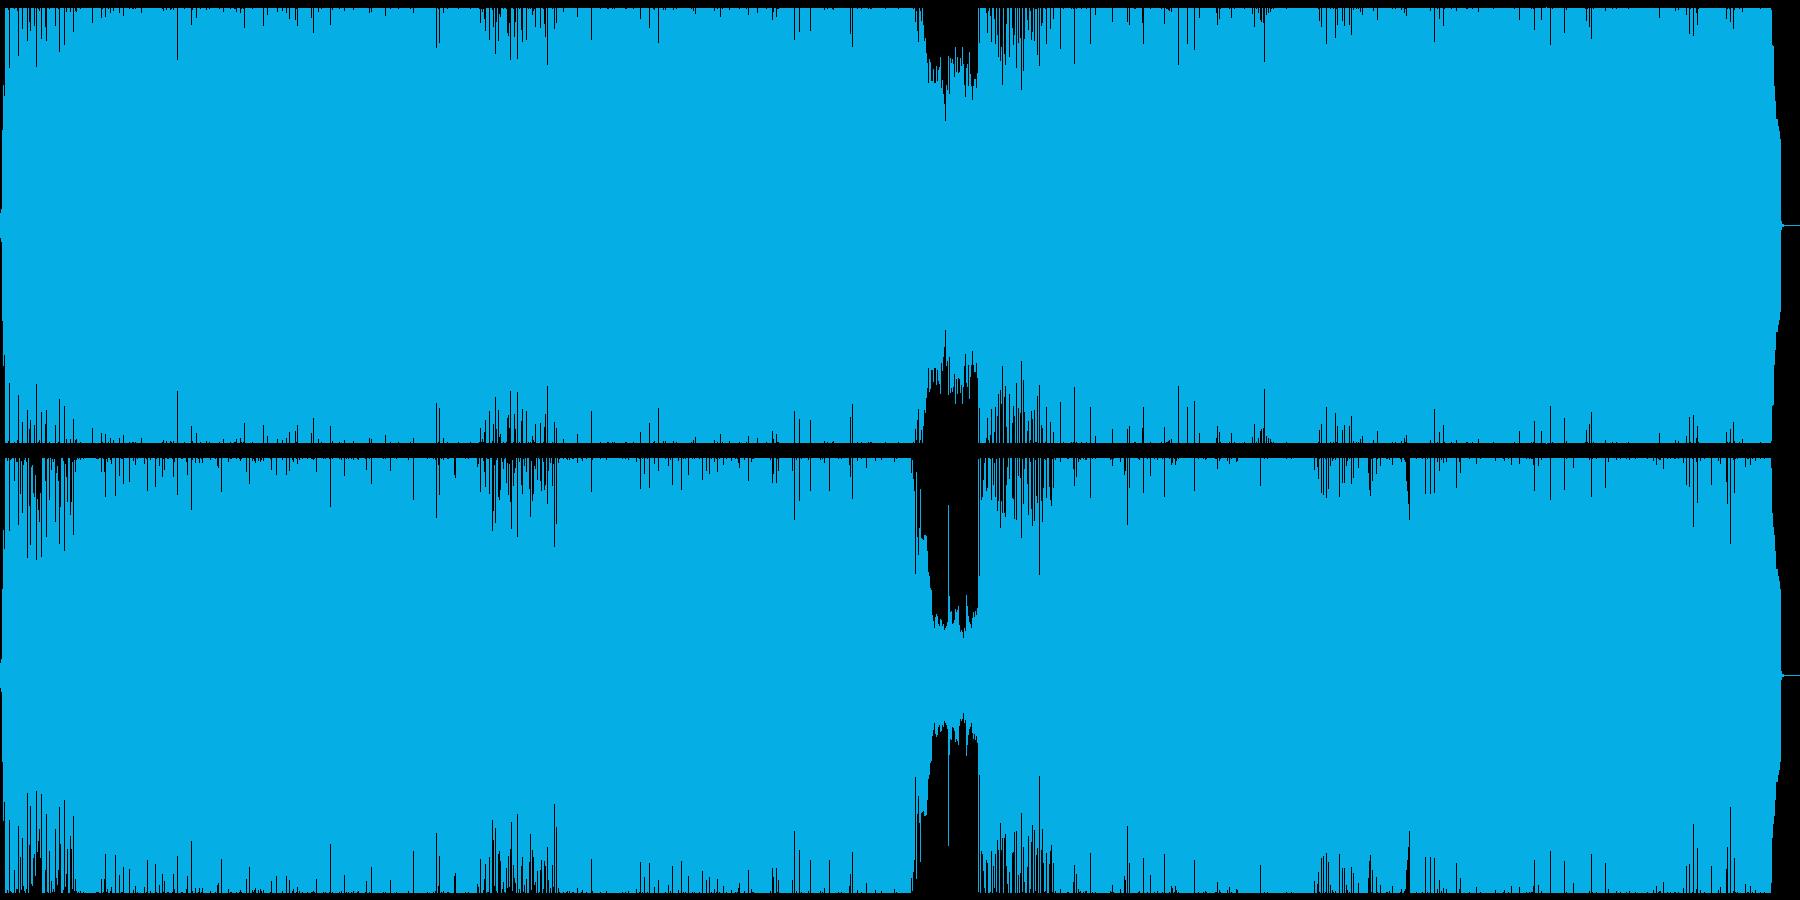 男性ボーカルによる爽やかな邦ロックの再生済みの波形